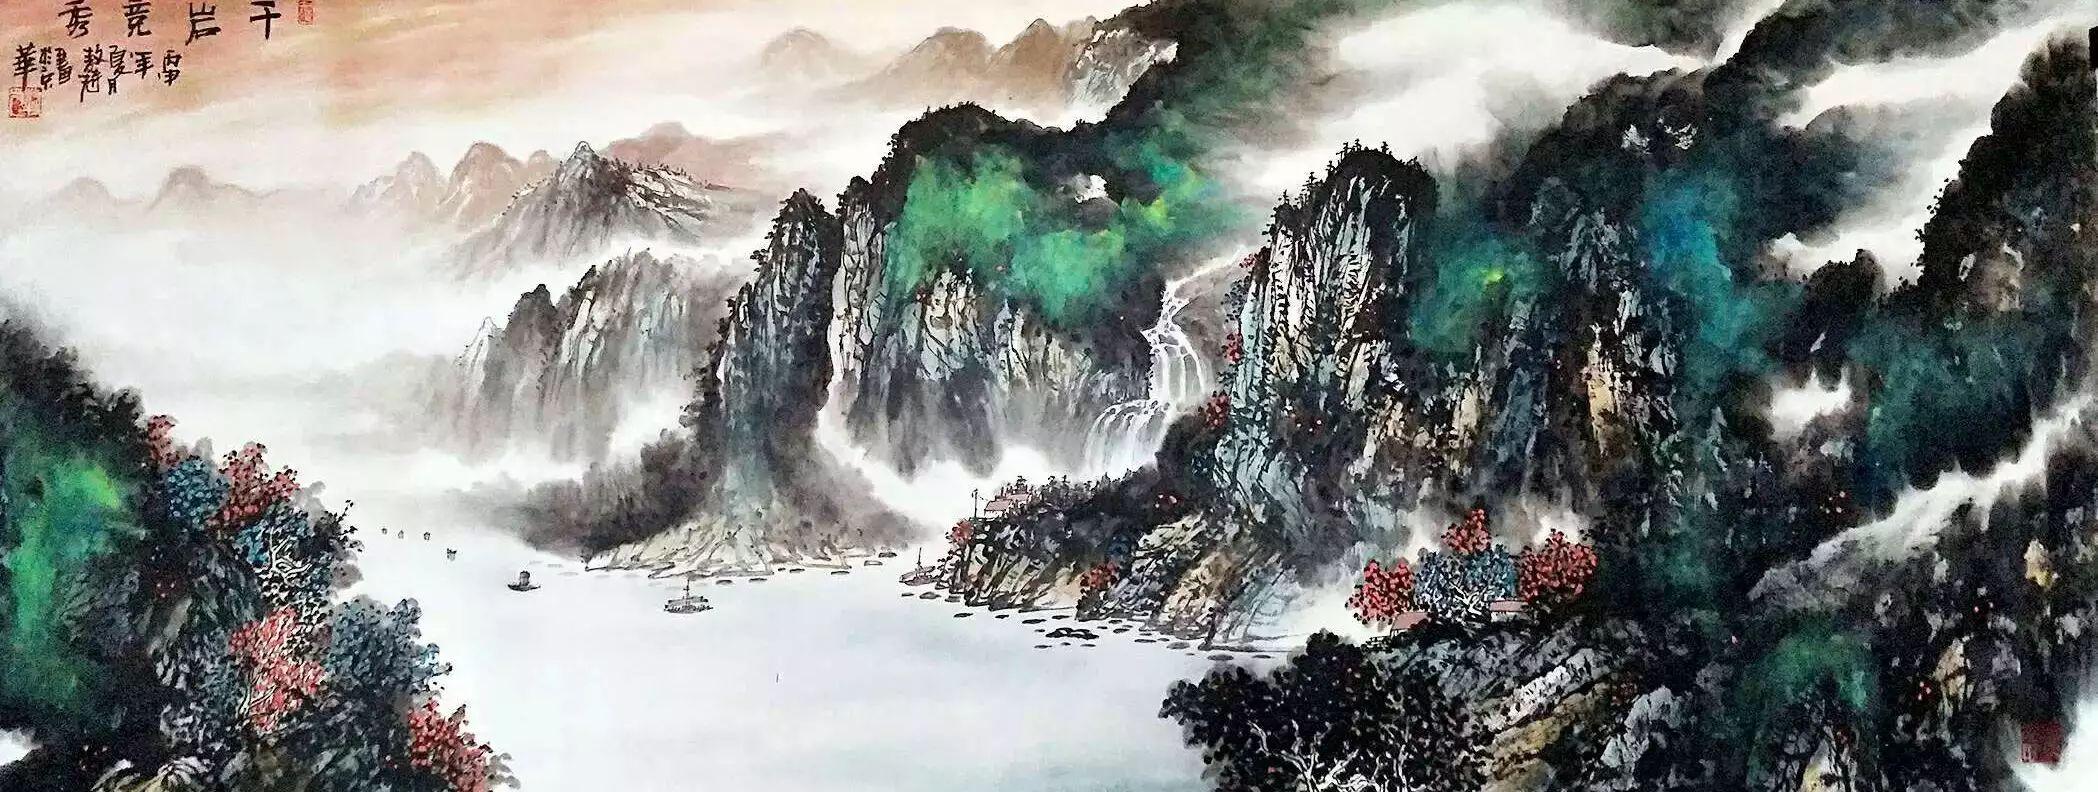 【人物传真】著名蒙古族青年艺术家——敖特 第36张